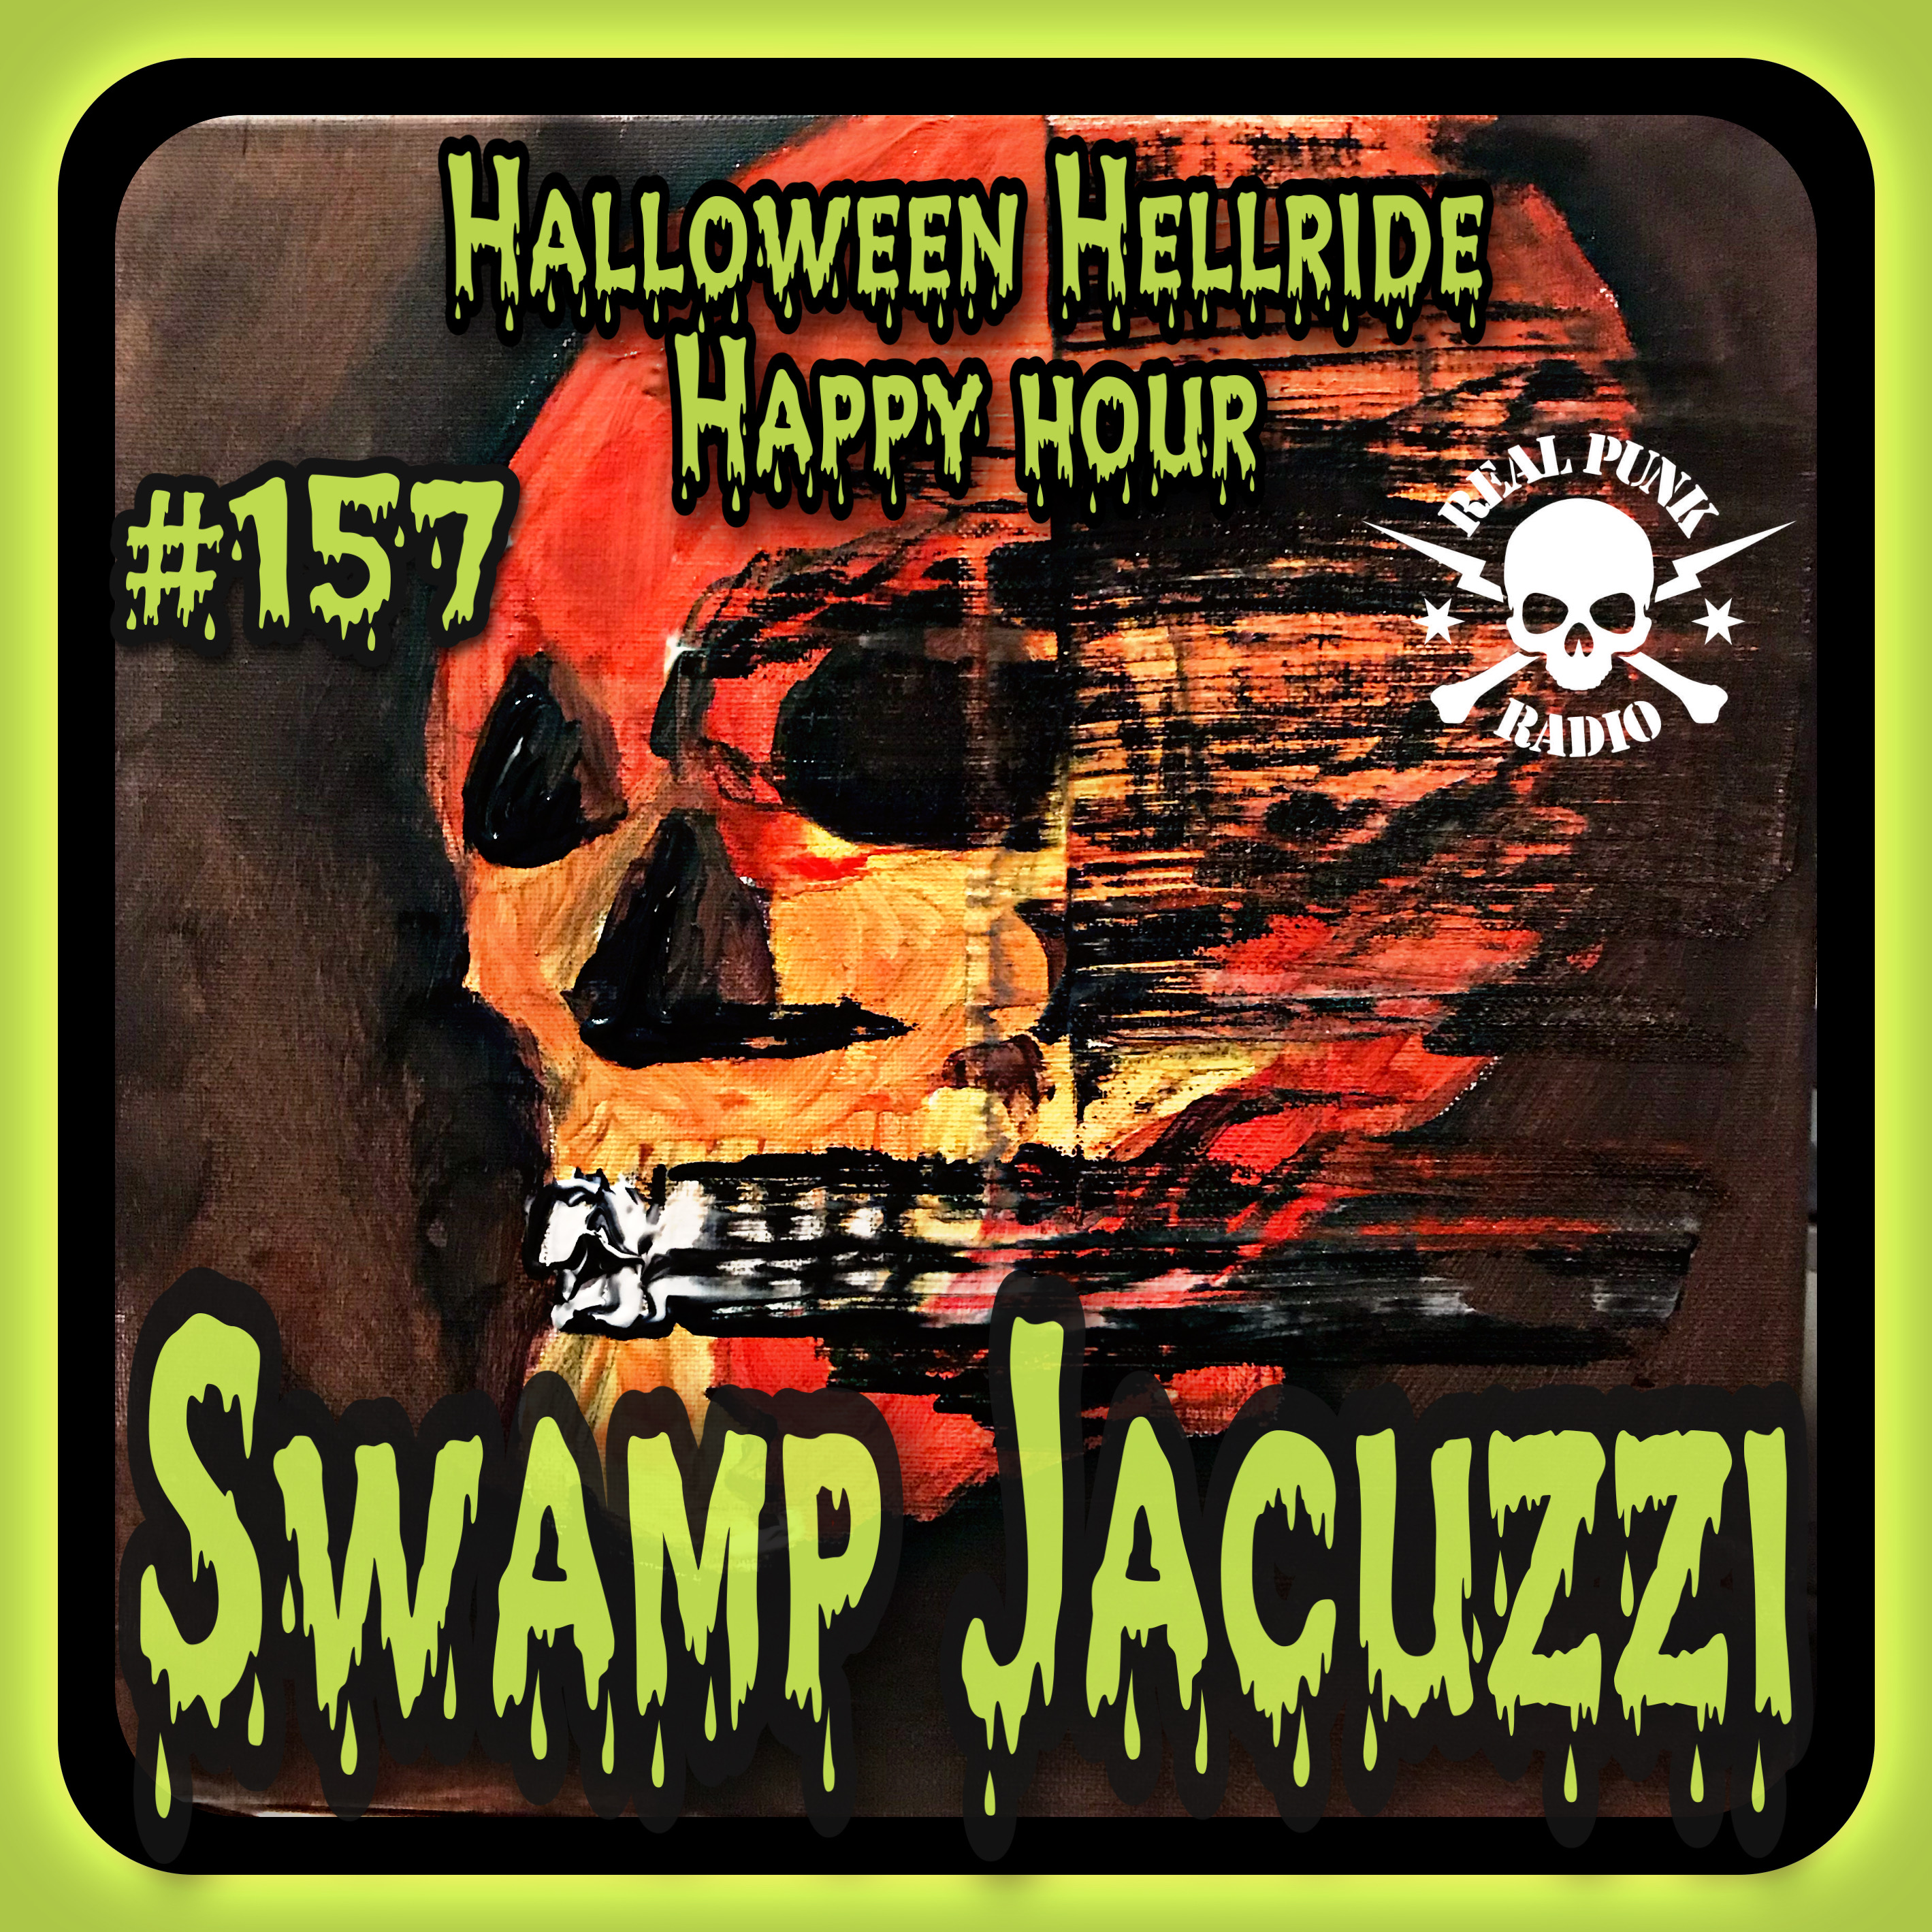 Swamp Jacuzzi